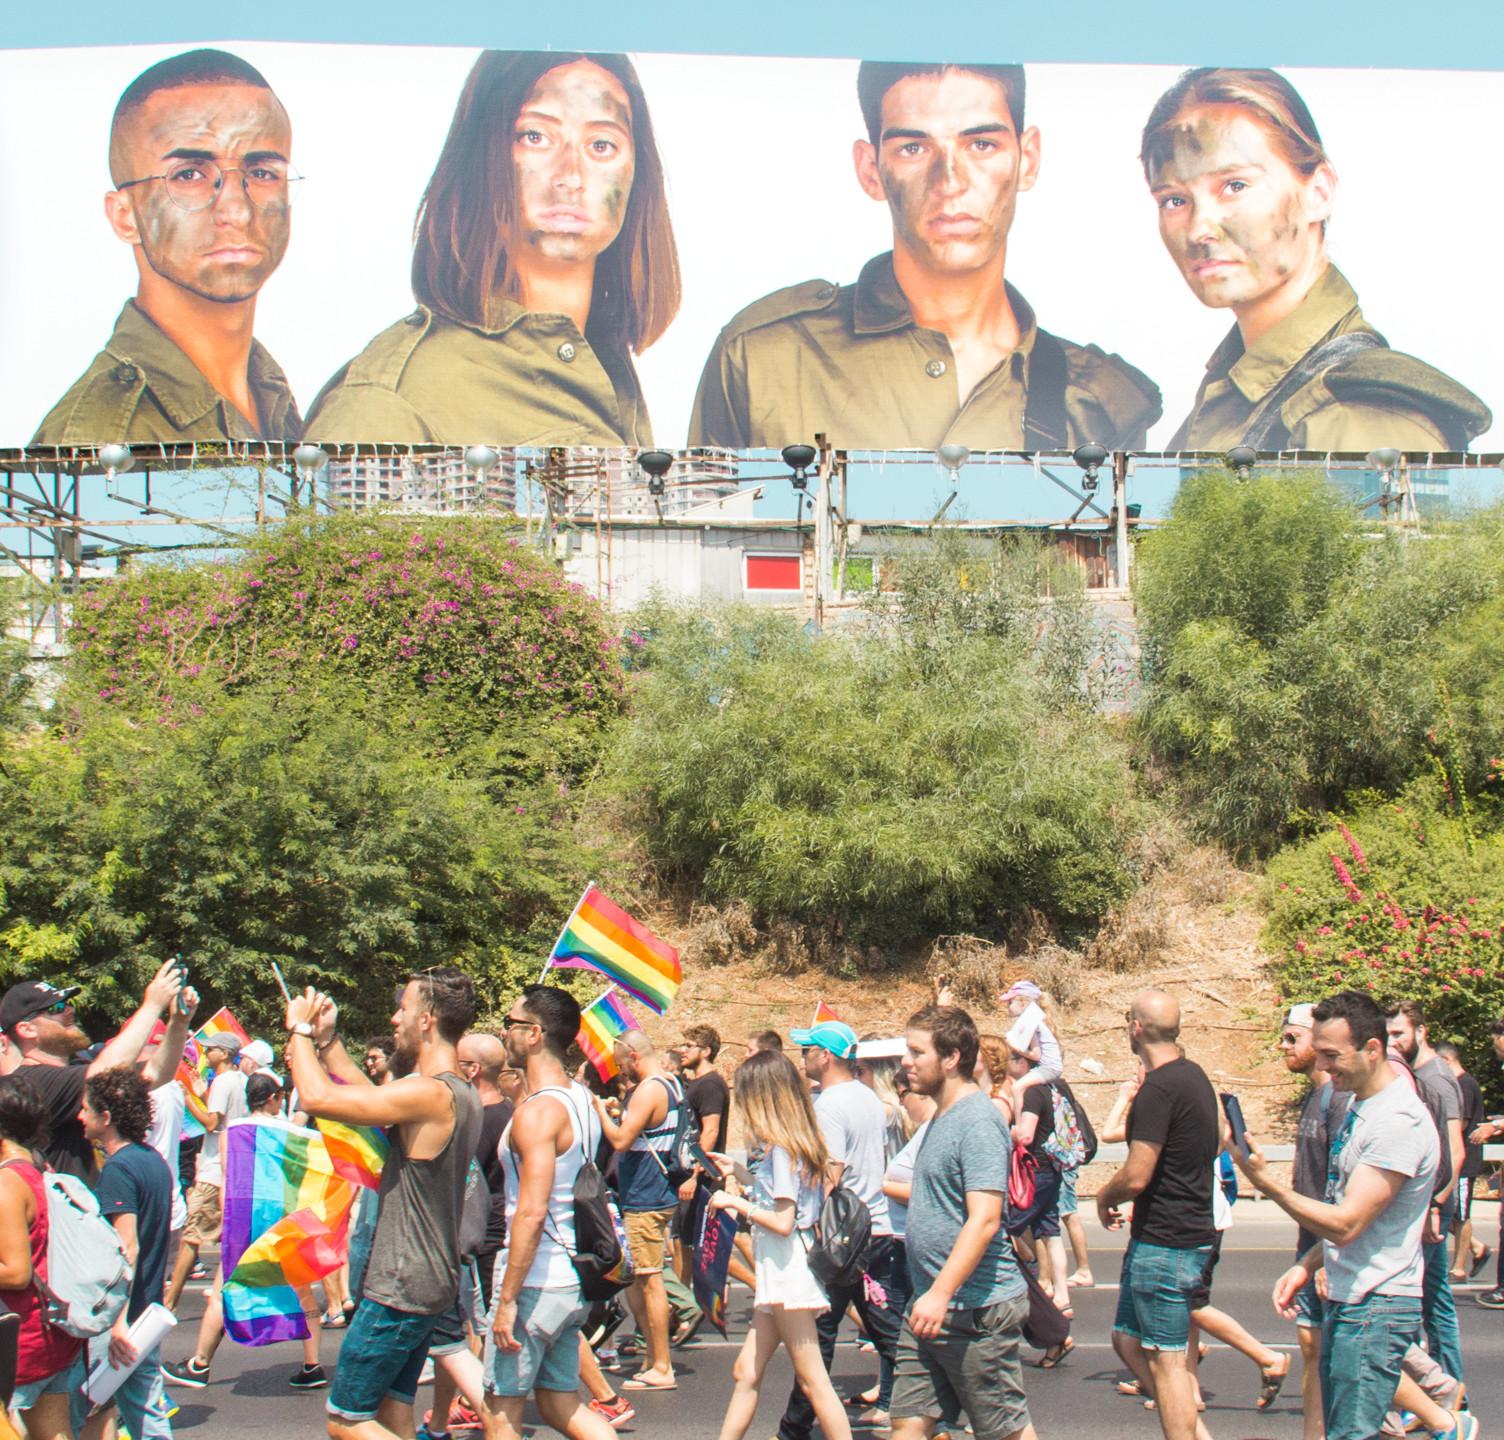 הפגנה לשוויון זכויות.jpg